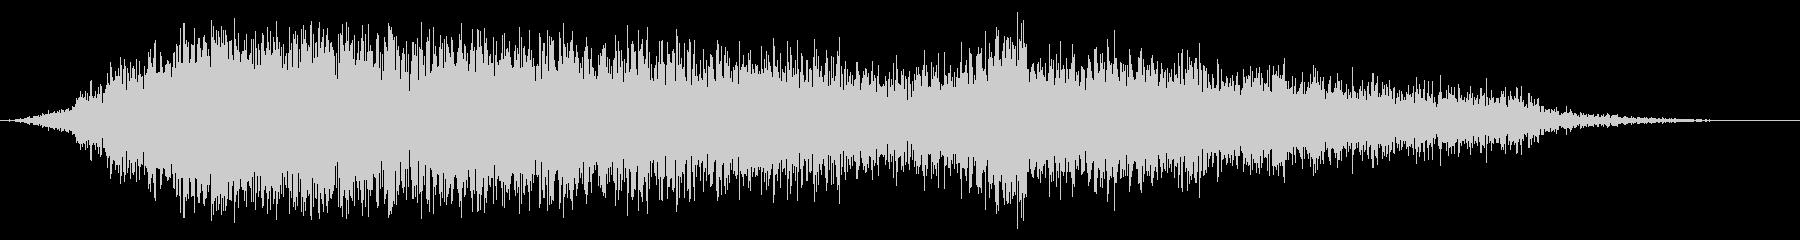 スイープ2によるアプリケーションパスの未再生の波形